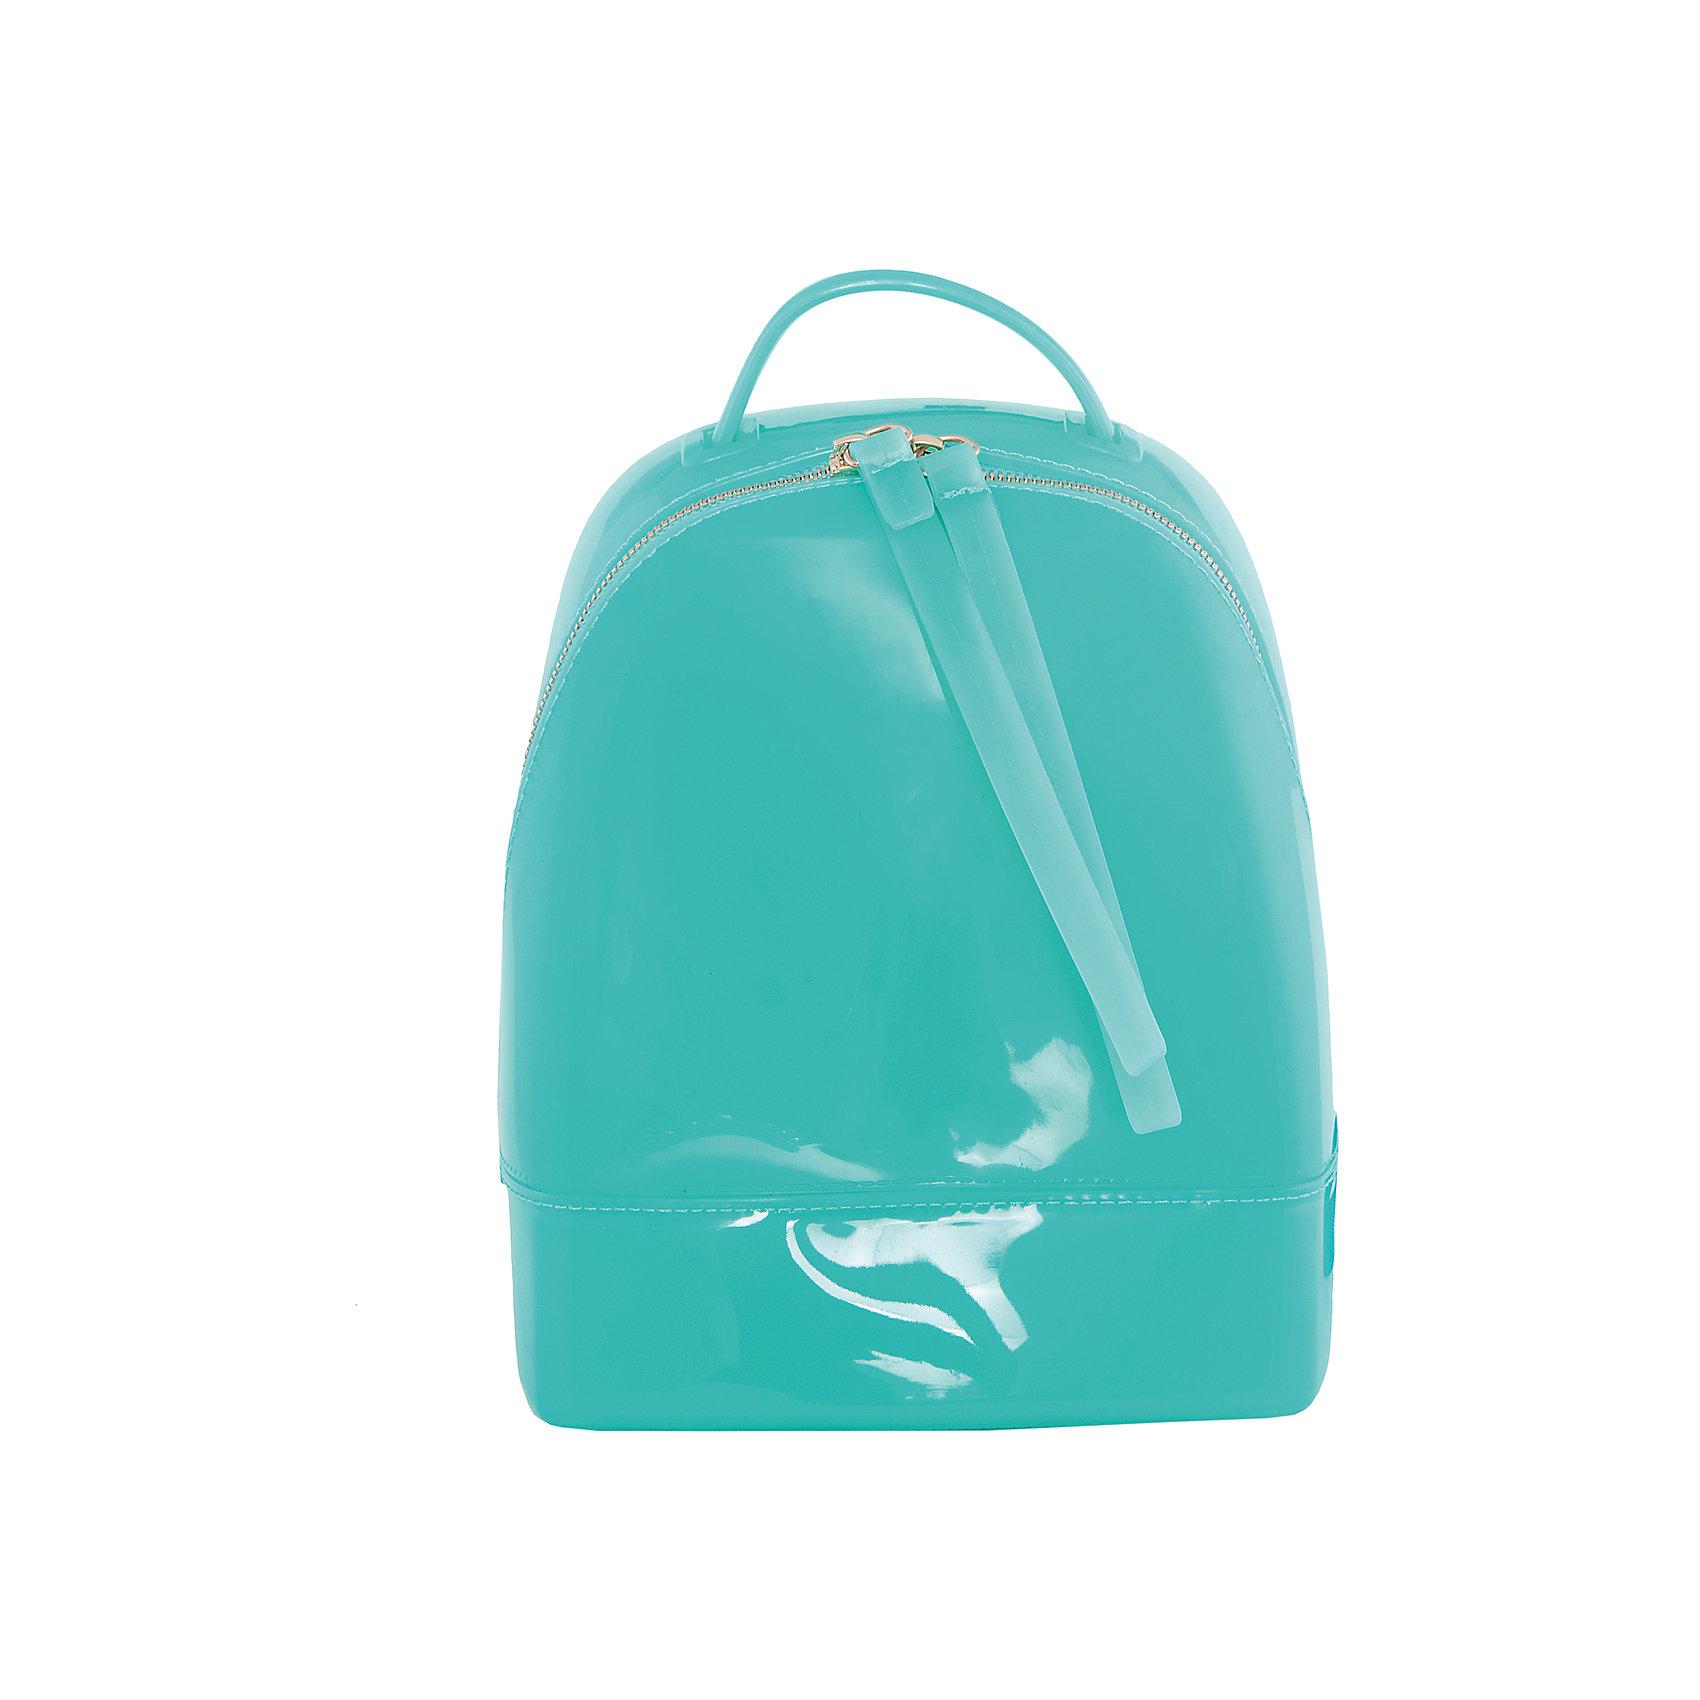 Рюкзак VITACCIВесенняя капель<br>Характеристики:<br><br>• Тип сумки: рюкзак<br>• Пол: для девочки<br>• Цвет: мятный<br>• Сезон: круглый год<br>• Тематика рисунка: без рисунка<br>• Тип застежки: молния<br>• Лямки регулируются по длине<br>• Одно отделение с дополнительными кармашками<br>• Предусмотрена ручка-петля<br>• Материал: верх – силикон<br>• Габариты: ширина днища – 18 см, высота – 22,5 см, глубина – 11 см<br>• Вес: 760 г<br>• Особенности ухода: влажная чистка, сухая чистка<br><br>Рюкзак VITACCI от лидера российско-итальянского предприятия, которое специализируется на выпуске высококачественной обуви и аксессуаров как для взрослых, так и для детей. Детские сумки этого торгового бренда изготавливаются с учетом анатомических особенностей детей и имеют эргономичную форму. Форма и дизайн сумок разрабатывается итальянскими ведущими дизайнерами и отражает новейшие тенденции в мире моды. Особенность этого торгового бренда заключается в эксклюзивном сочетании материалов разных фактур и декорирование изделий стильными аксессуарами. <br><br>Рюкзак VITACCI изготовлен из экологически безопасной искусственной кожи с силиконовым покрытием. Имеет одно просторное отделение с маленькими кармашками: один с замочком на молнии, второй – для сотового телефона или смартфона. Лямки регулируются по длине. Рюкзак выполнен в стильном мятном цвете, декорирован фурнитурой золотистого цвета и декоративными двойными строчками.<br>Рюкзак VITACCI – это стильный аксессуар, который создаст неповторимый образ вашей девочки! <br><br>Рюкзак VITACCI можно купить в нашем интернет-магазине.<br><br>Ширина мм: 170<br>Глубина мм: 157<br>Высота мм: 67<br>Вес г: 117<br>Цвет: зеленый<br>Возраст от месяцев: 36<br>Возраст до месяцев: 144<br>Пол: Женский<br>Возраст: Детский<br>Размер: one size<br>SKU: 5347501